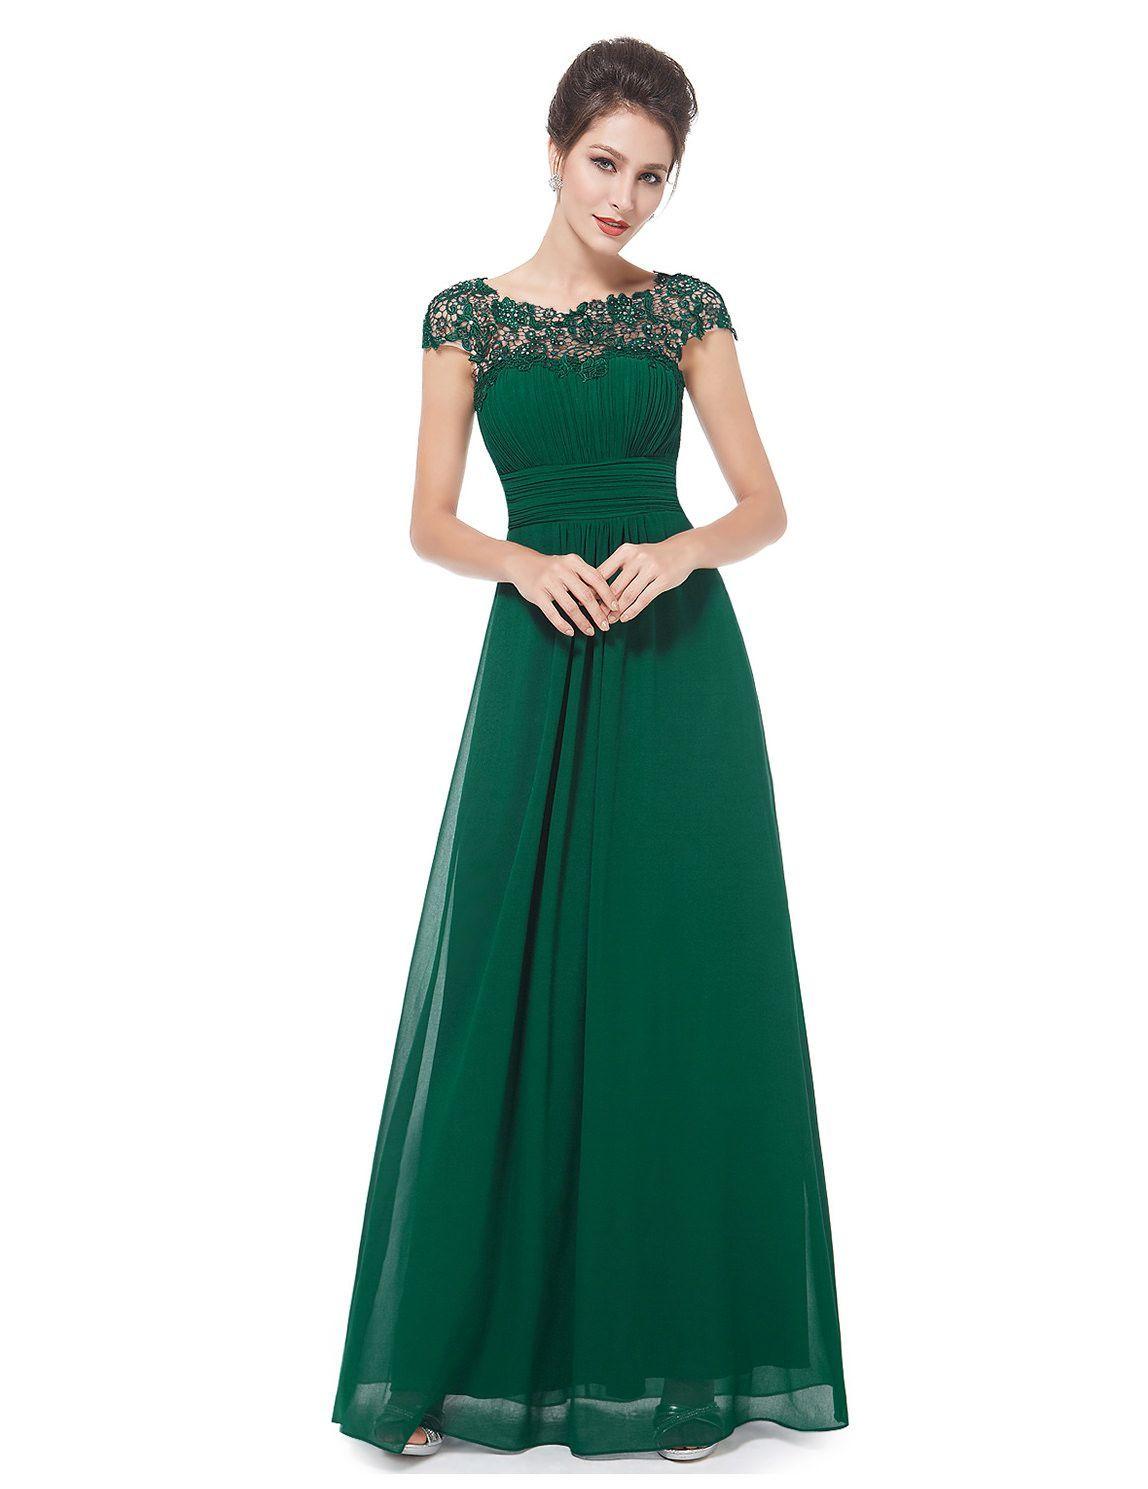 damen abendkleid grün | fashion, formal dresses long